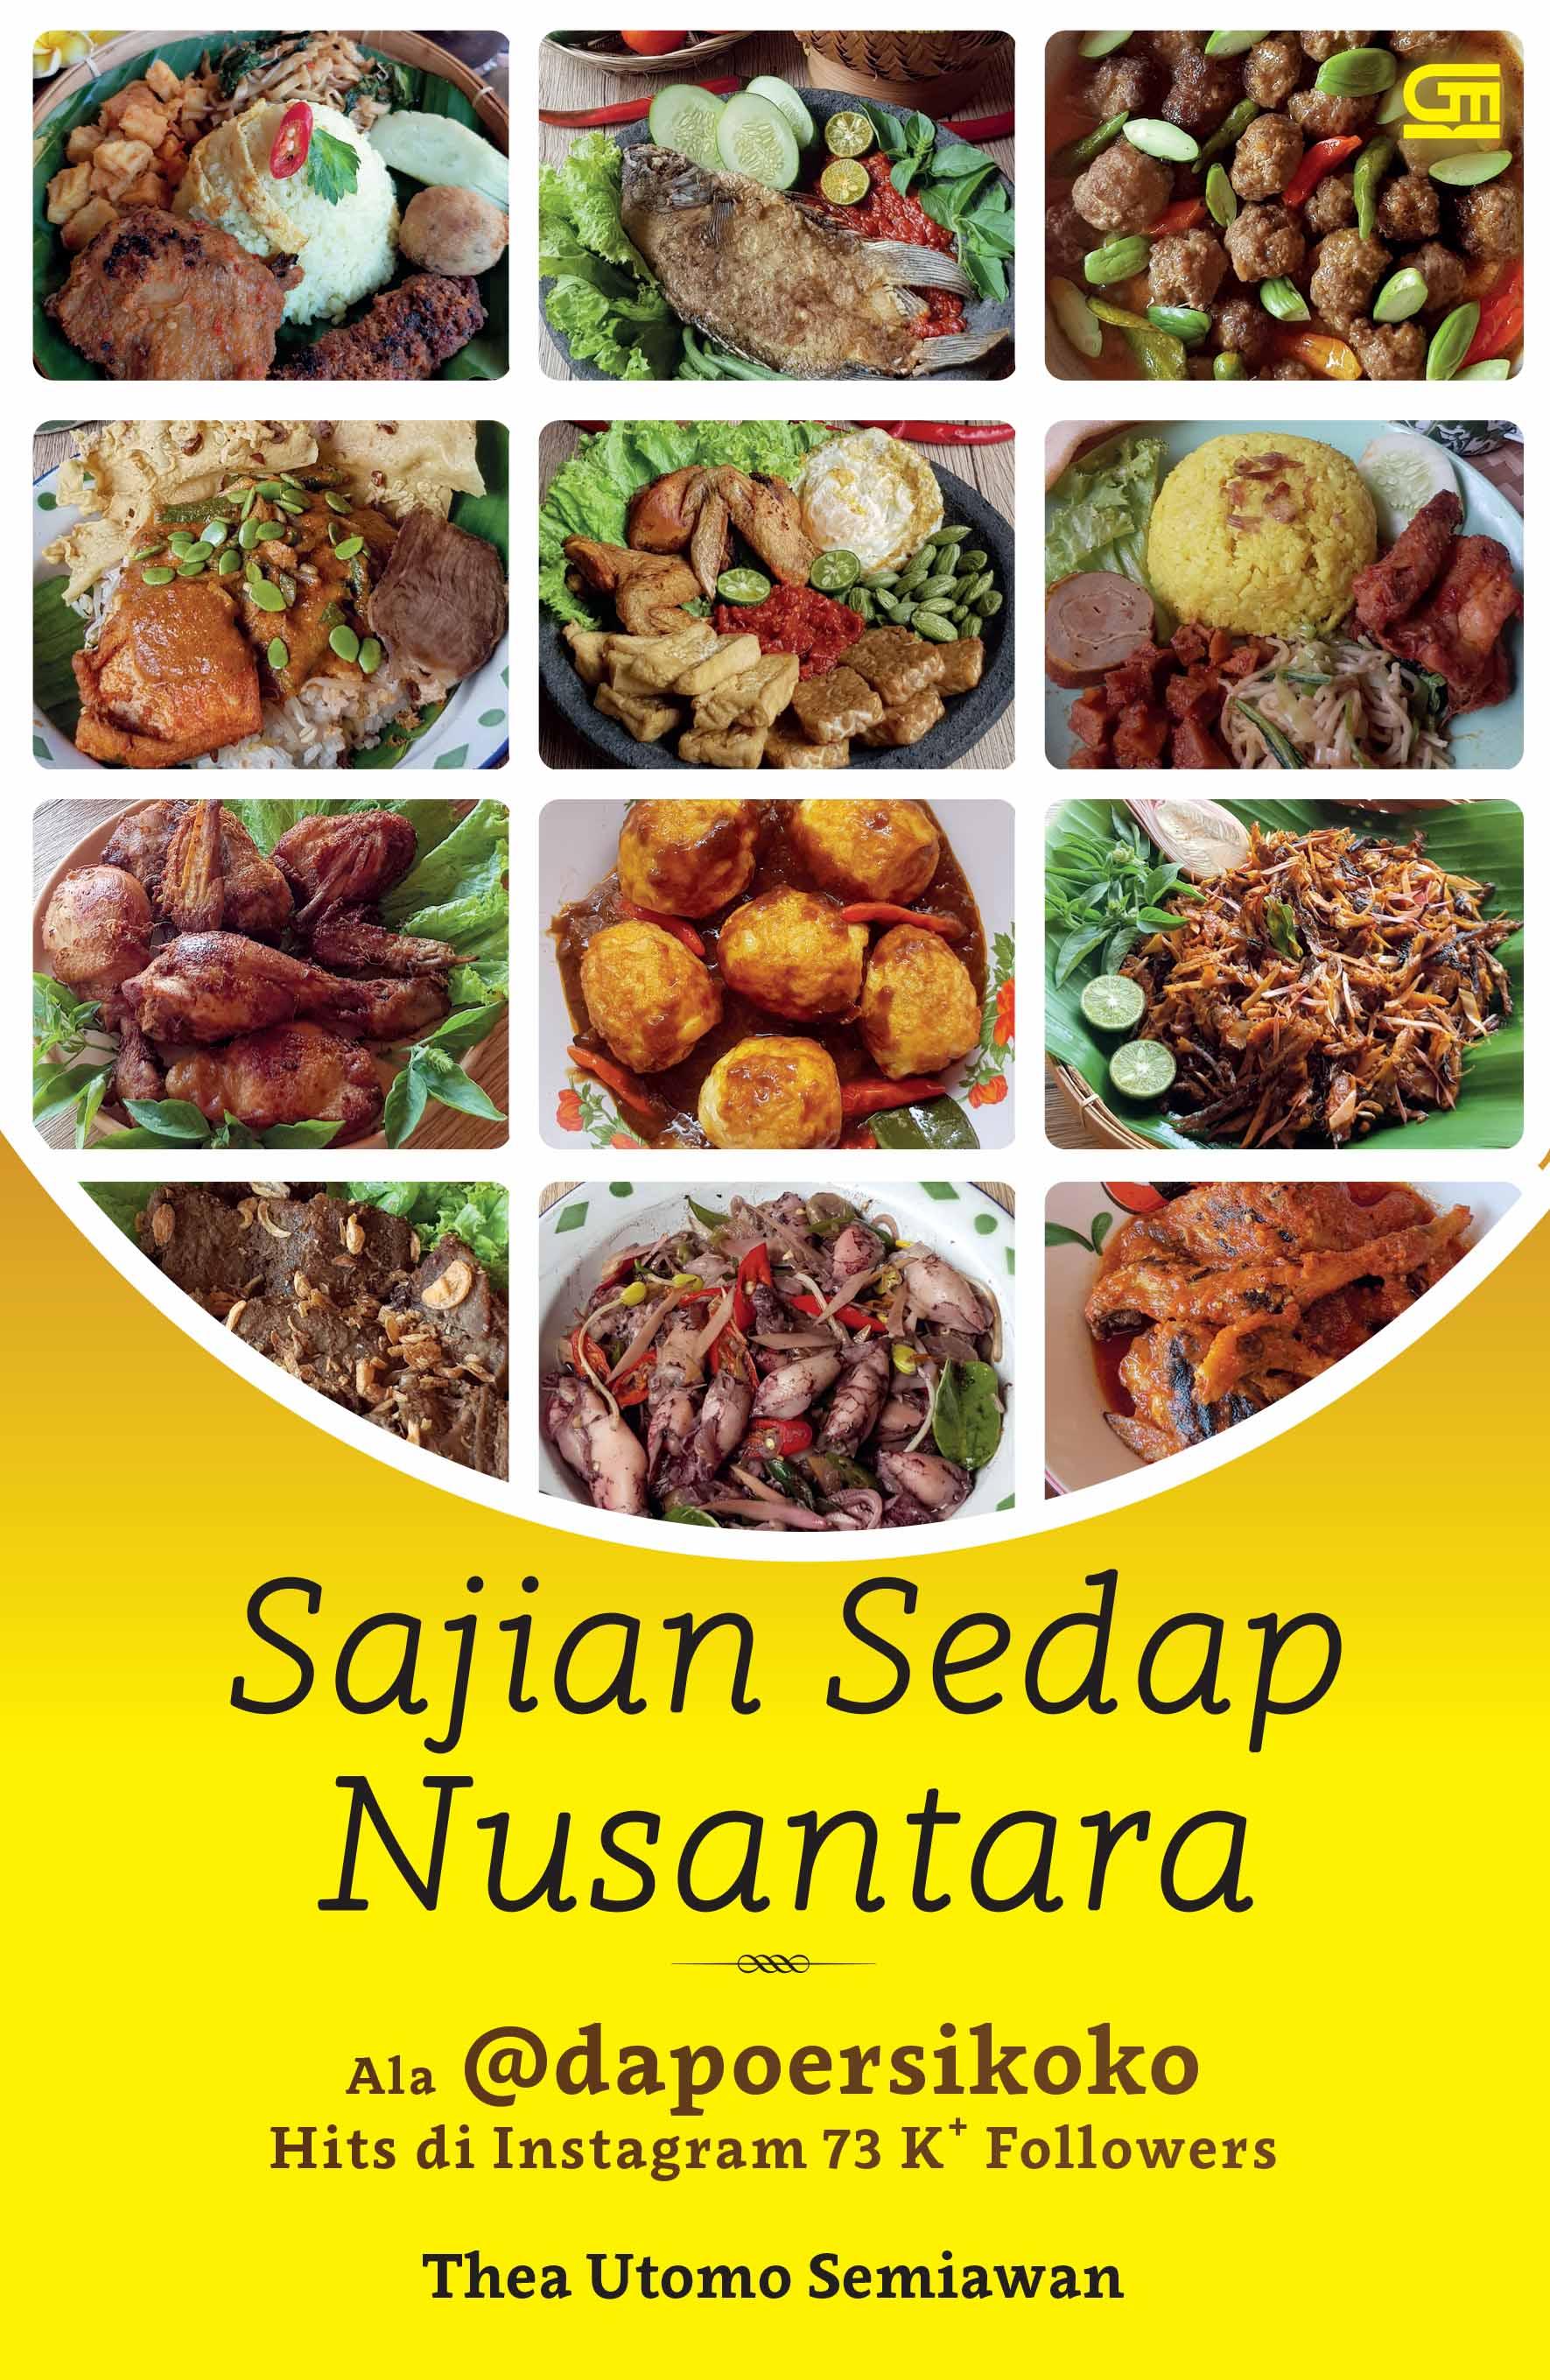 Sajian Sedap Nusantara ala @dapoersikoko